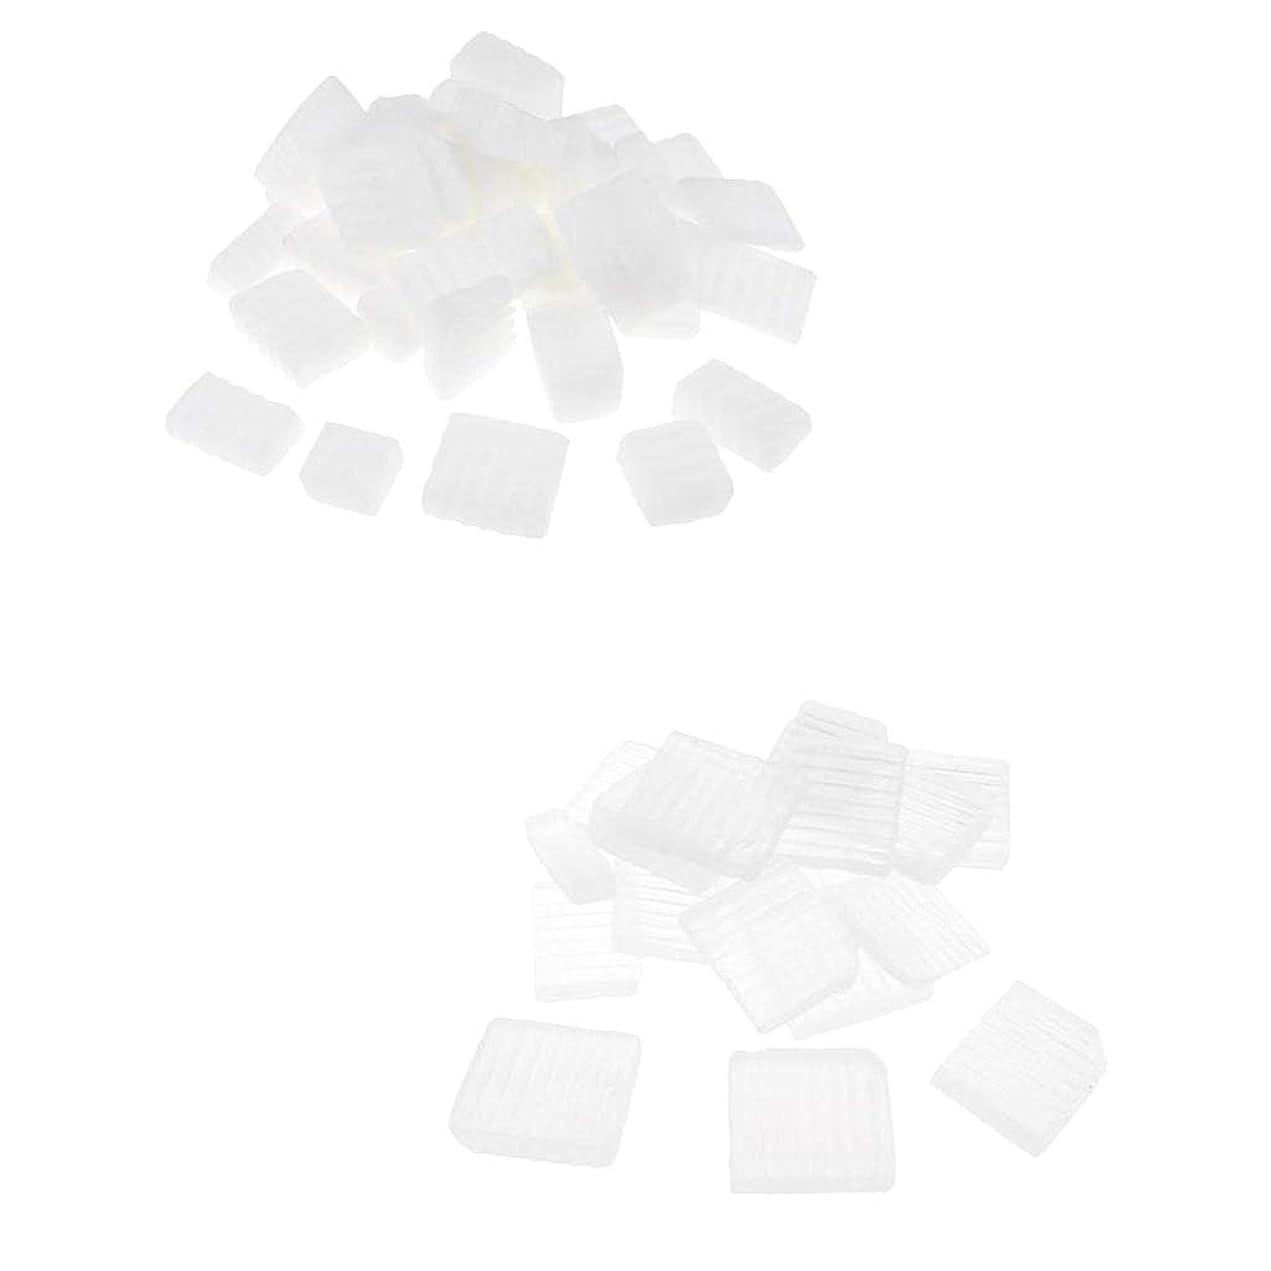 ほとんどないウェブ貫通するFLAMEER 固形せっけん 石鹸ベース 2KG ホワイトクリア DIY製造 工芸品 ハンドメイド 石鹸原料 耐久性